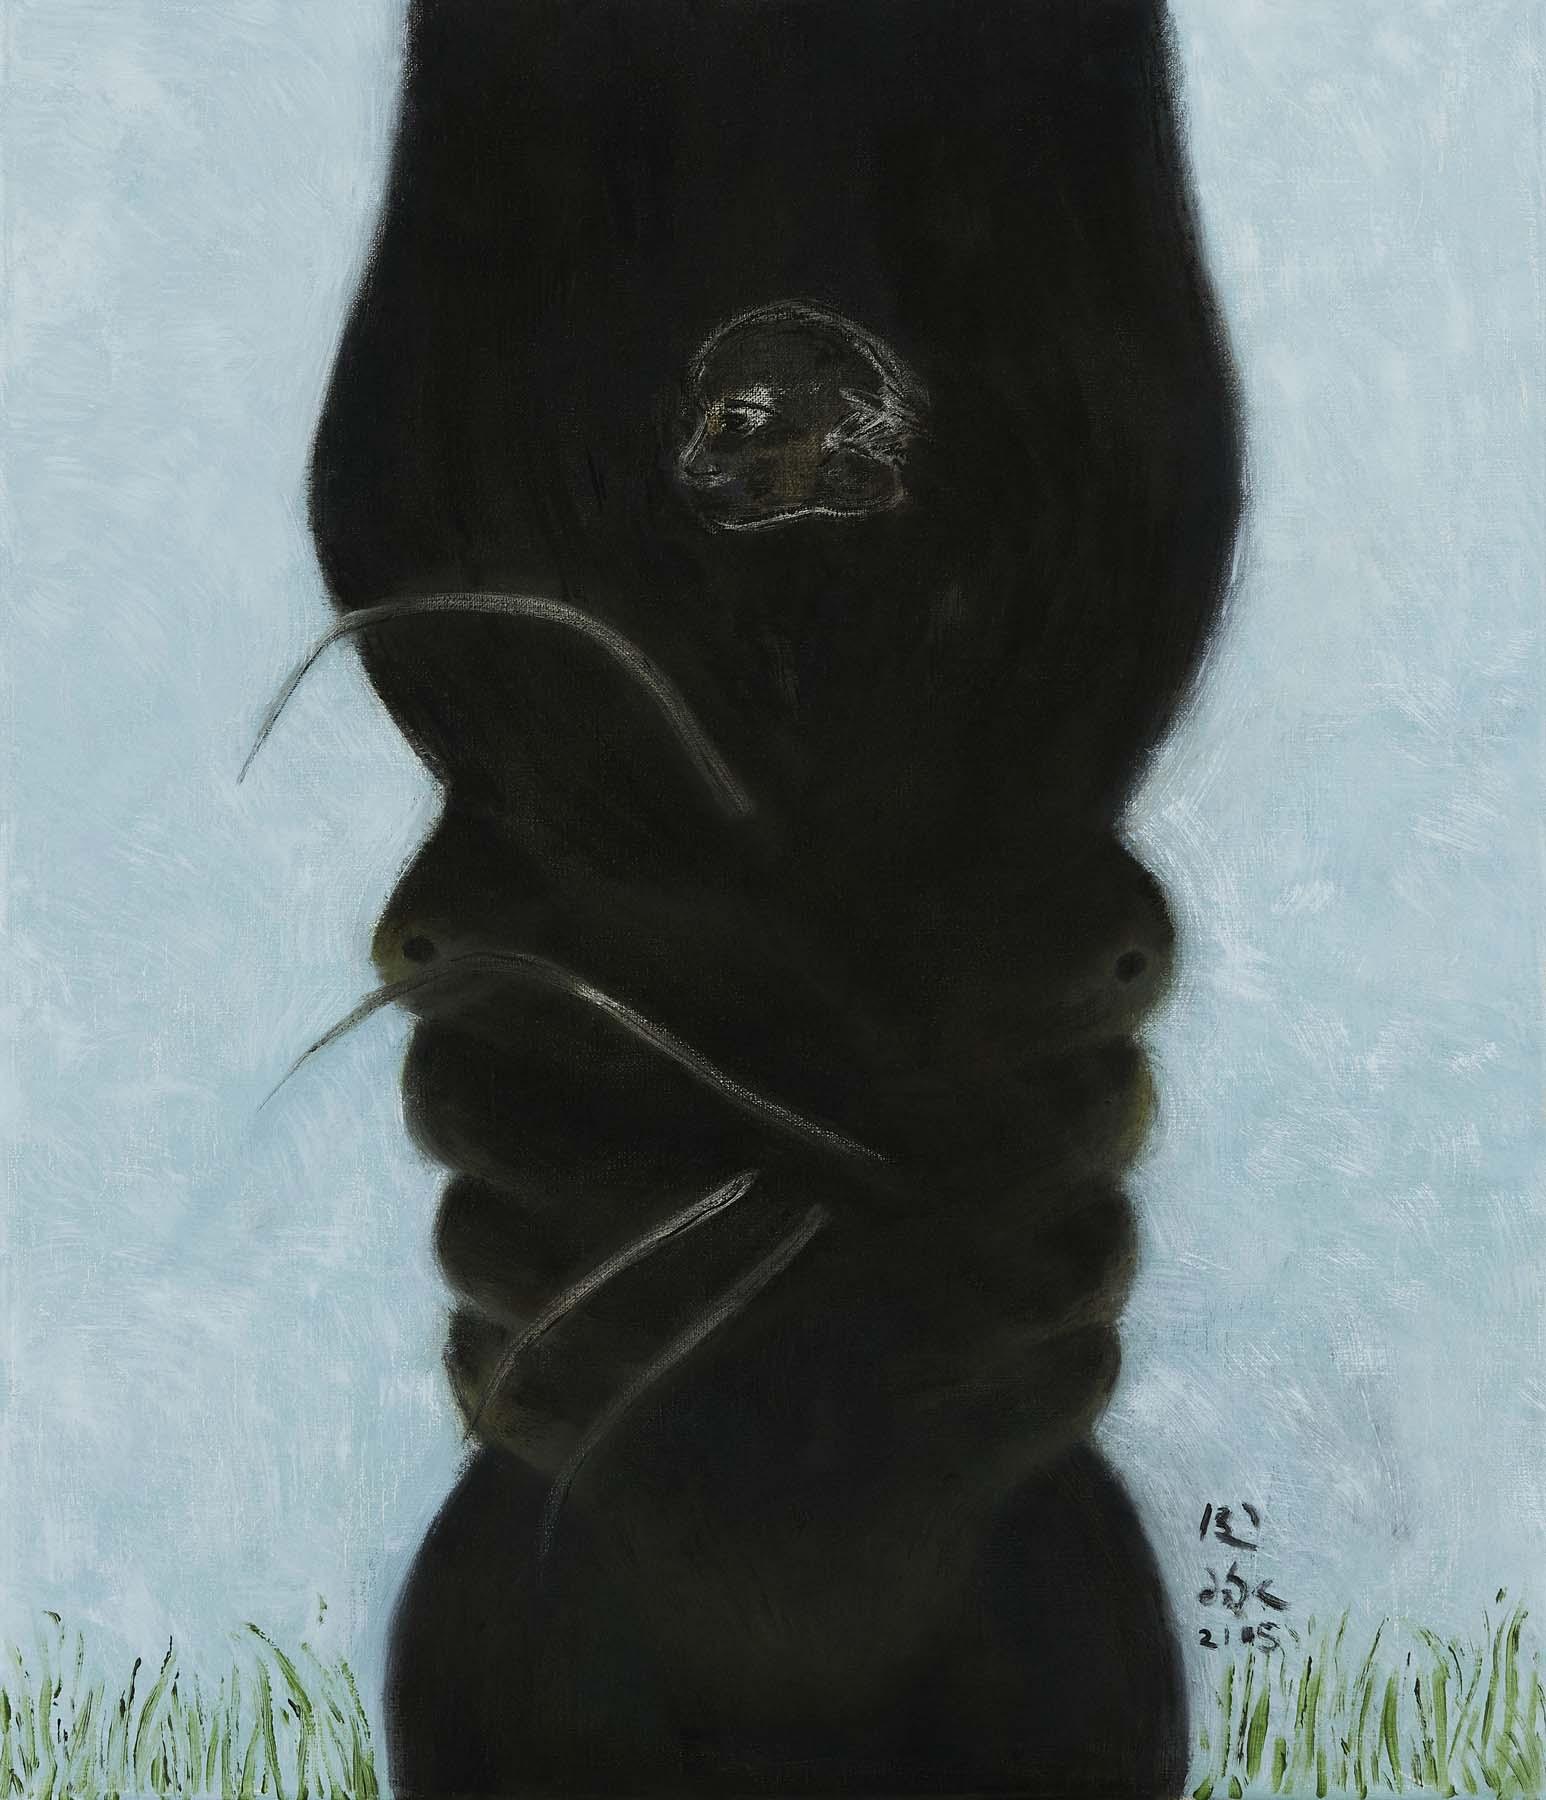 令詠 Ling Yung, 花長生 longevity hua, 2021, 畫布油彩 oil on canvas, 53 x 45.5 cm